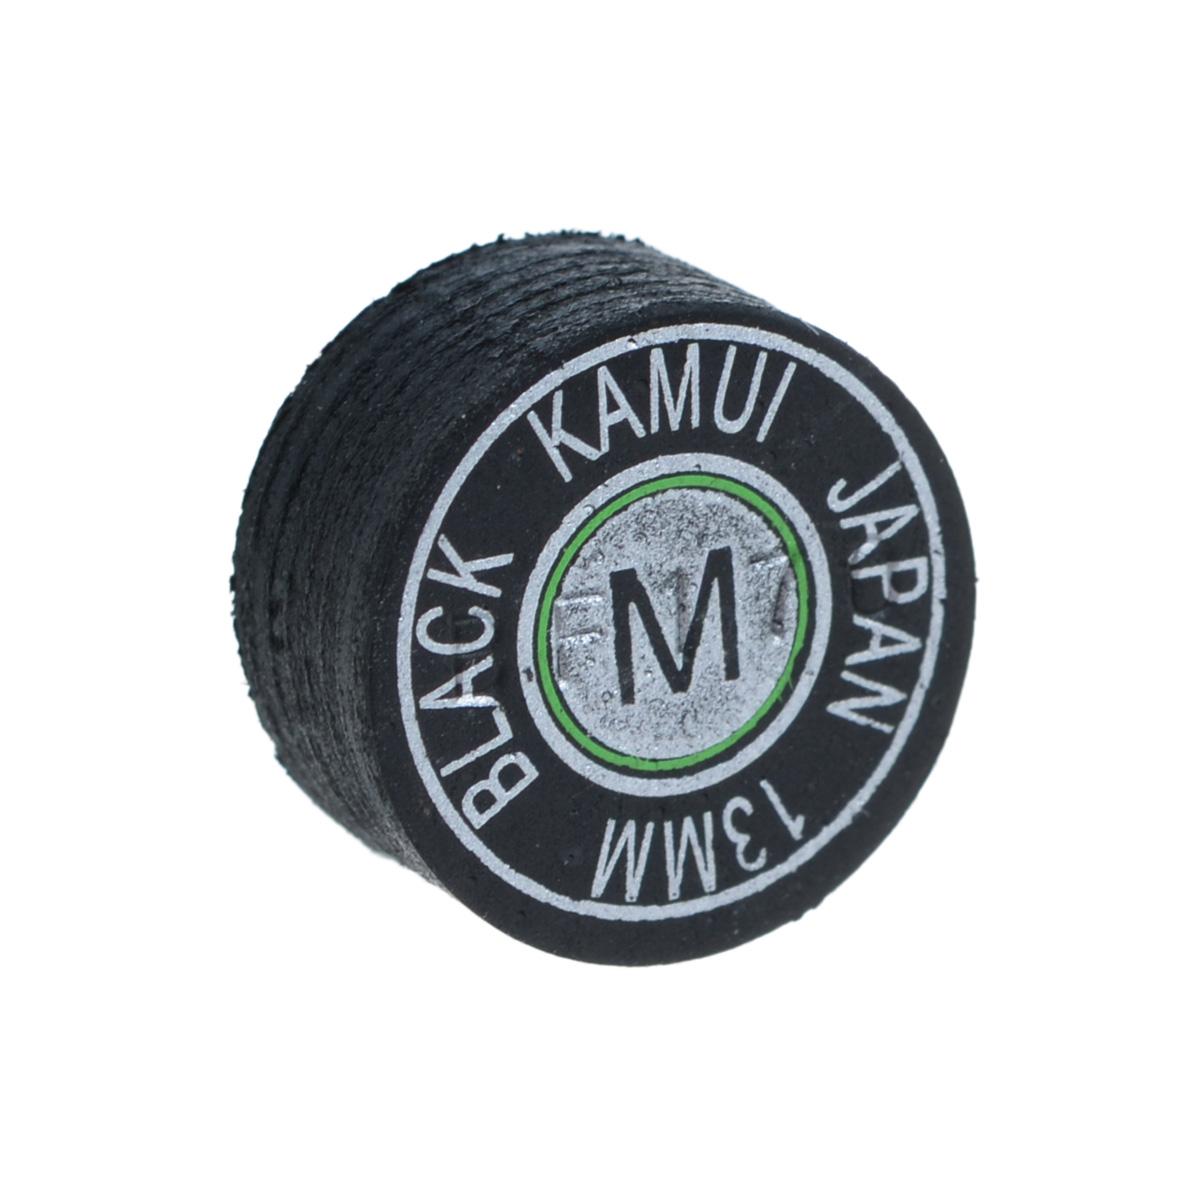 Наклейка для кия Kamui Black, средняя жесткость, 13 мм332515-2800Почему игроки выбирают наклейки KAMUI:Повышенная устойчивость к влажности. Кожа для наклеек KAMUI проходит этап растительного дубления. Это позволяет сделать кожу более эластичной и прочной по сравнению, например, с кожей, которая прошла этап хромового дубления. Тем не менее, после растительного дубления кожа имеет тенденцию поглощать влагу, которая уменьшает как прочность, так и эластичность кожи. Именно поэтому KAMUI проводит дополнительный, специальный, этап дубления кожи, после которого кожа сохраняет прочность и эластичность. Как результат - наклейки KAMUI не изменяют своих игровых свойств даже в средах с повышенной влажностью.Уменьшение эффекта грибной шляпки. Появление у наклейки формы грибной шляпки связано с отсутствием достаточной прочности у наклейки при ударе по шарам. Эта шляпка не позволит игроку сделать точный, аккуратный удар. Во время дубления кожи для наклеек KAMUI процесс останавливается именно в тот момент, когда кожа имеет наибольшую прочность и устойчивость к образованию грибной шляпки.Стабильность. При выборе наклейки для кия очень важна ее стабильность на всем протяжении ее использования. Трудно играть, когда игровые характеристики новой наклейки отличаются от предыдущей, к которой вы уже привыкли. KAMUI направляет большие усилия на улучшение традиционного метода контроля качества. Имея большую базу данных по тестам и разработкам, KAMUI удалось создать лучший контроль качества среди всех производителей бильярдных наклеек. Это позволяет производить наклейки KAMUI, которые абсолютно не отличаются друг от друга - т.е. установив очередную наклейку KAMUI вместо отработавшей, вы не заметите разницы.Контроль качества кожи для наклеек KAMUI. Качество и надежность является важным моментом при производстве высококлассных бильярдных наклеек. KAMUI ввел новый специальный метод проверки кожи на ее структуру и реакцию на растительное дубление. KAMUI работает над привлечением новых и традицион